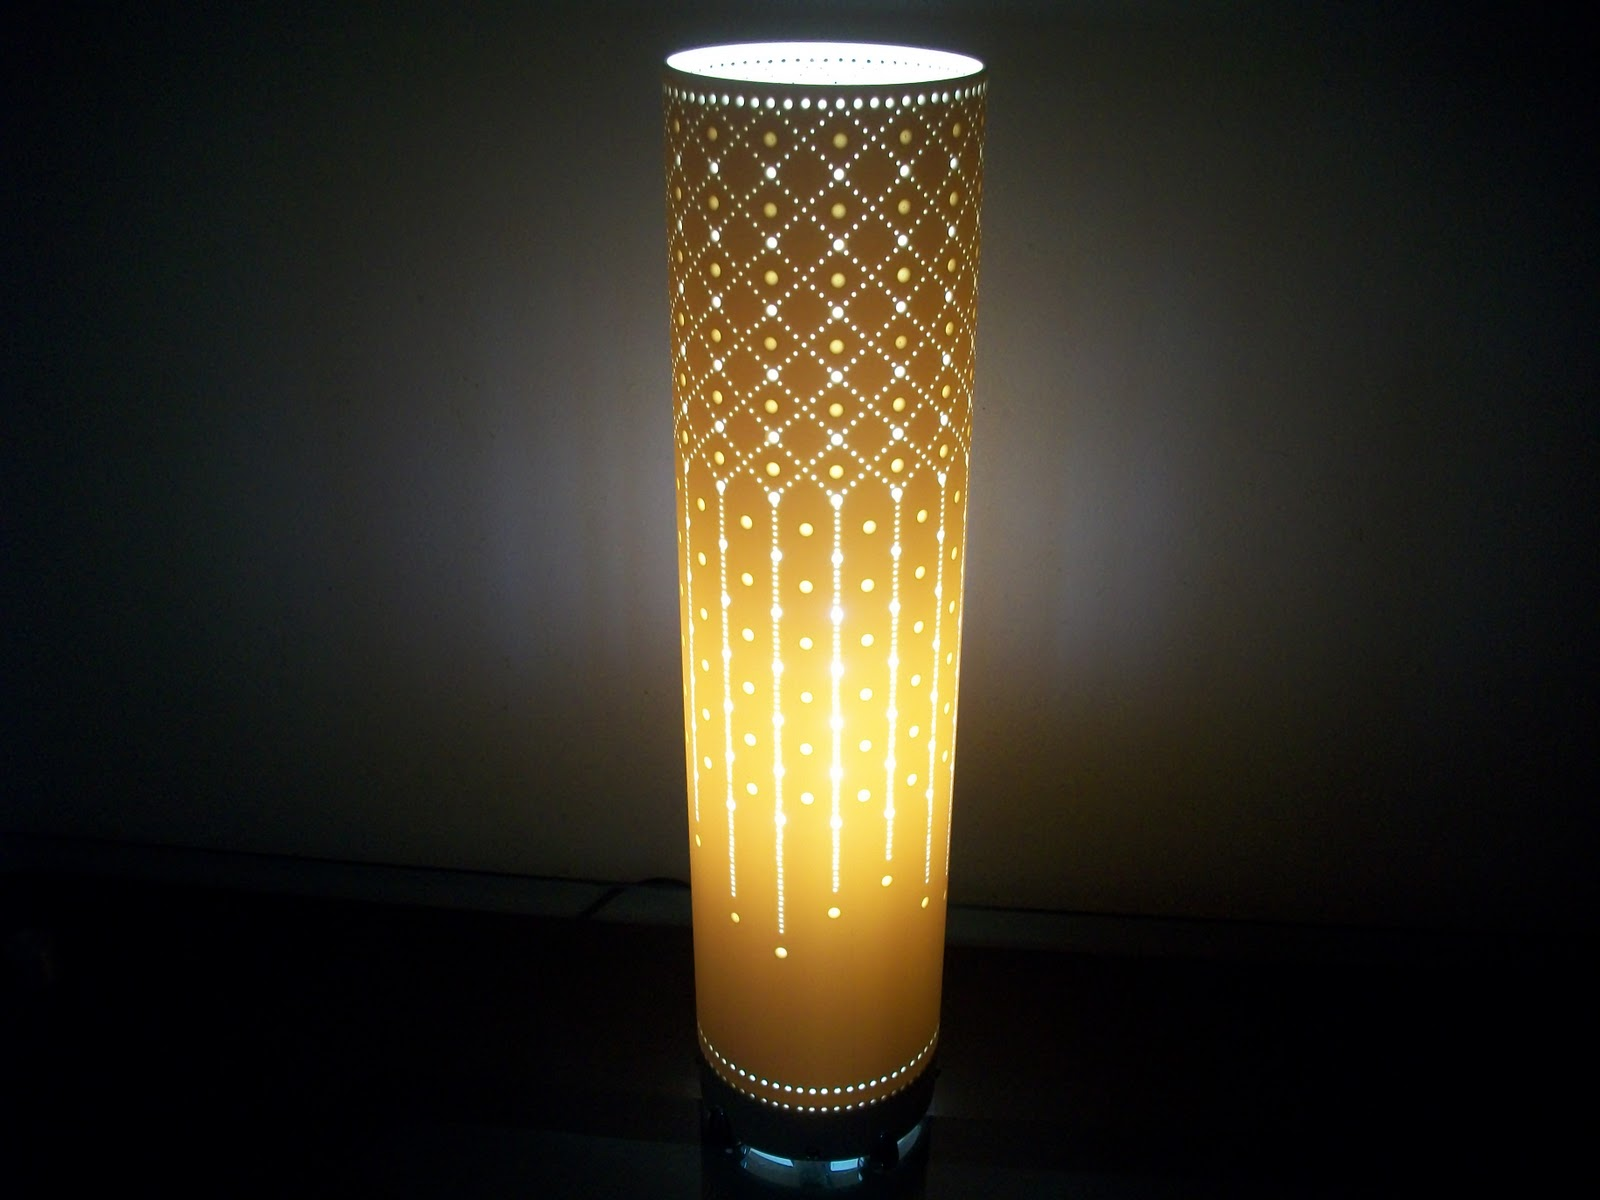 Artes braz luminarias em pvc 18 09 11 25 09 11 - Lamparas lucena ...